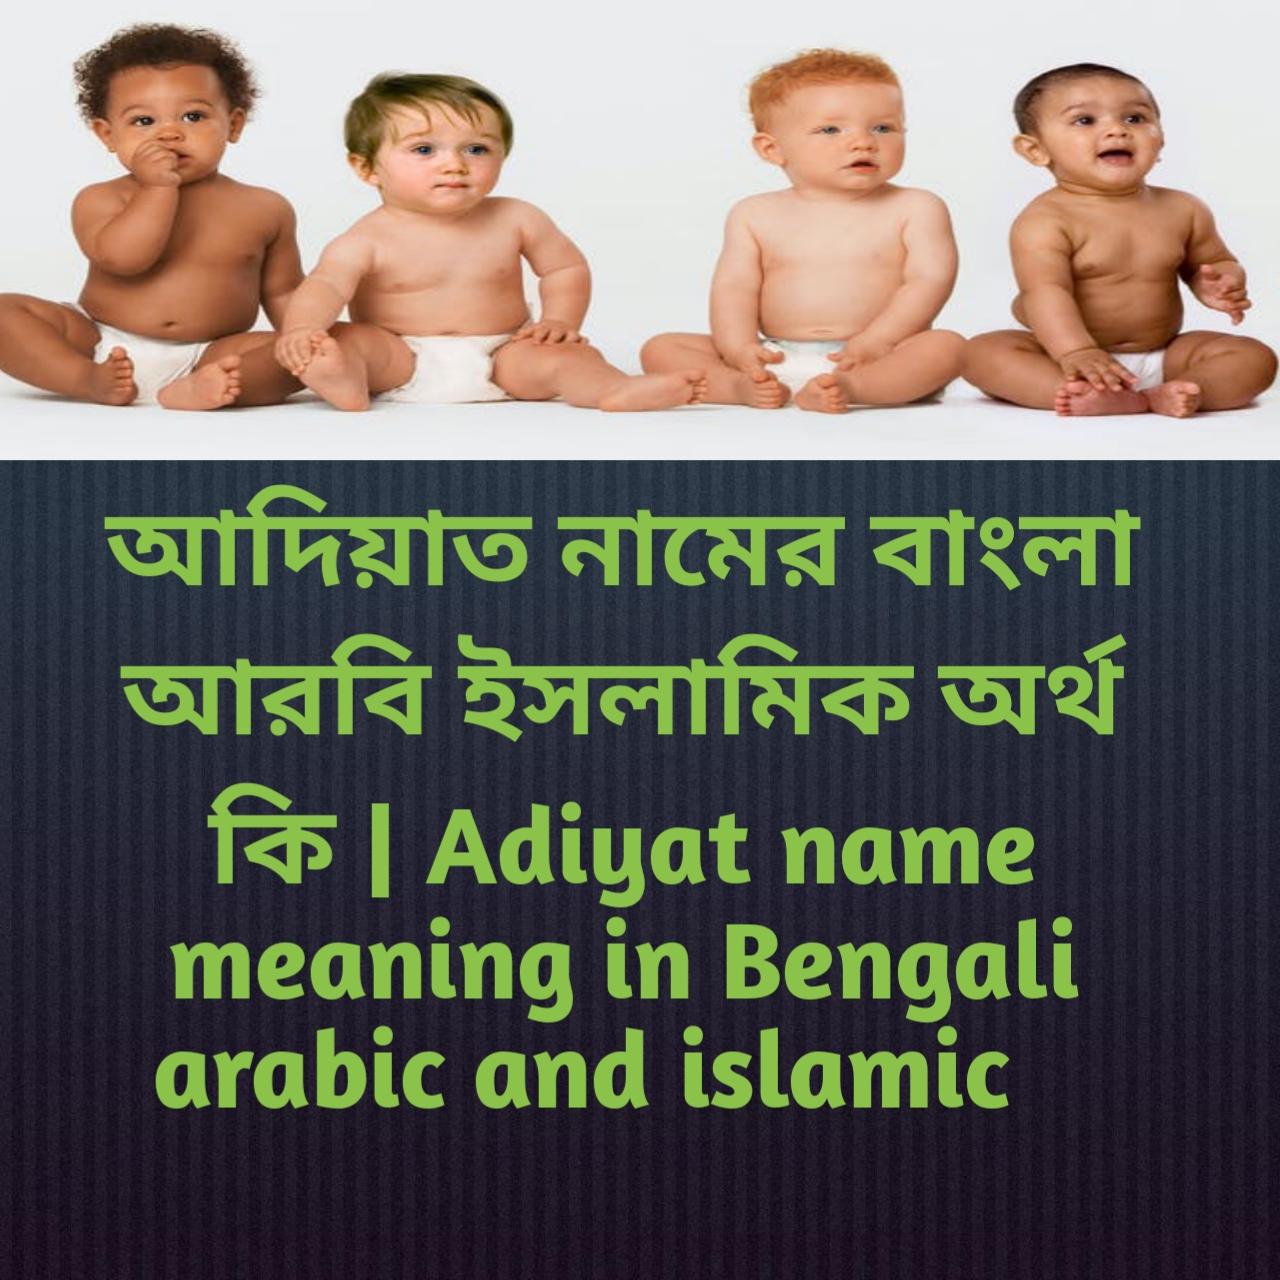 আদিয়াত নামের অর্থ কি, আদিয়াত নামের বাংলা অর্থ কি, আদিয়াত নামের ইসলামিক অর্থ কি, Adiyat name meaning in Bengali, আদিয়াত কি ইসলামিক নাম,